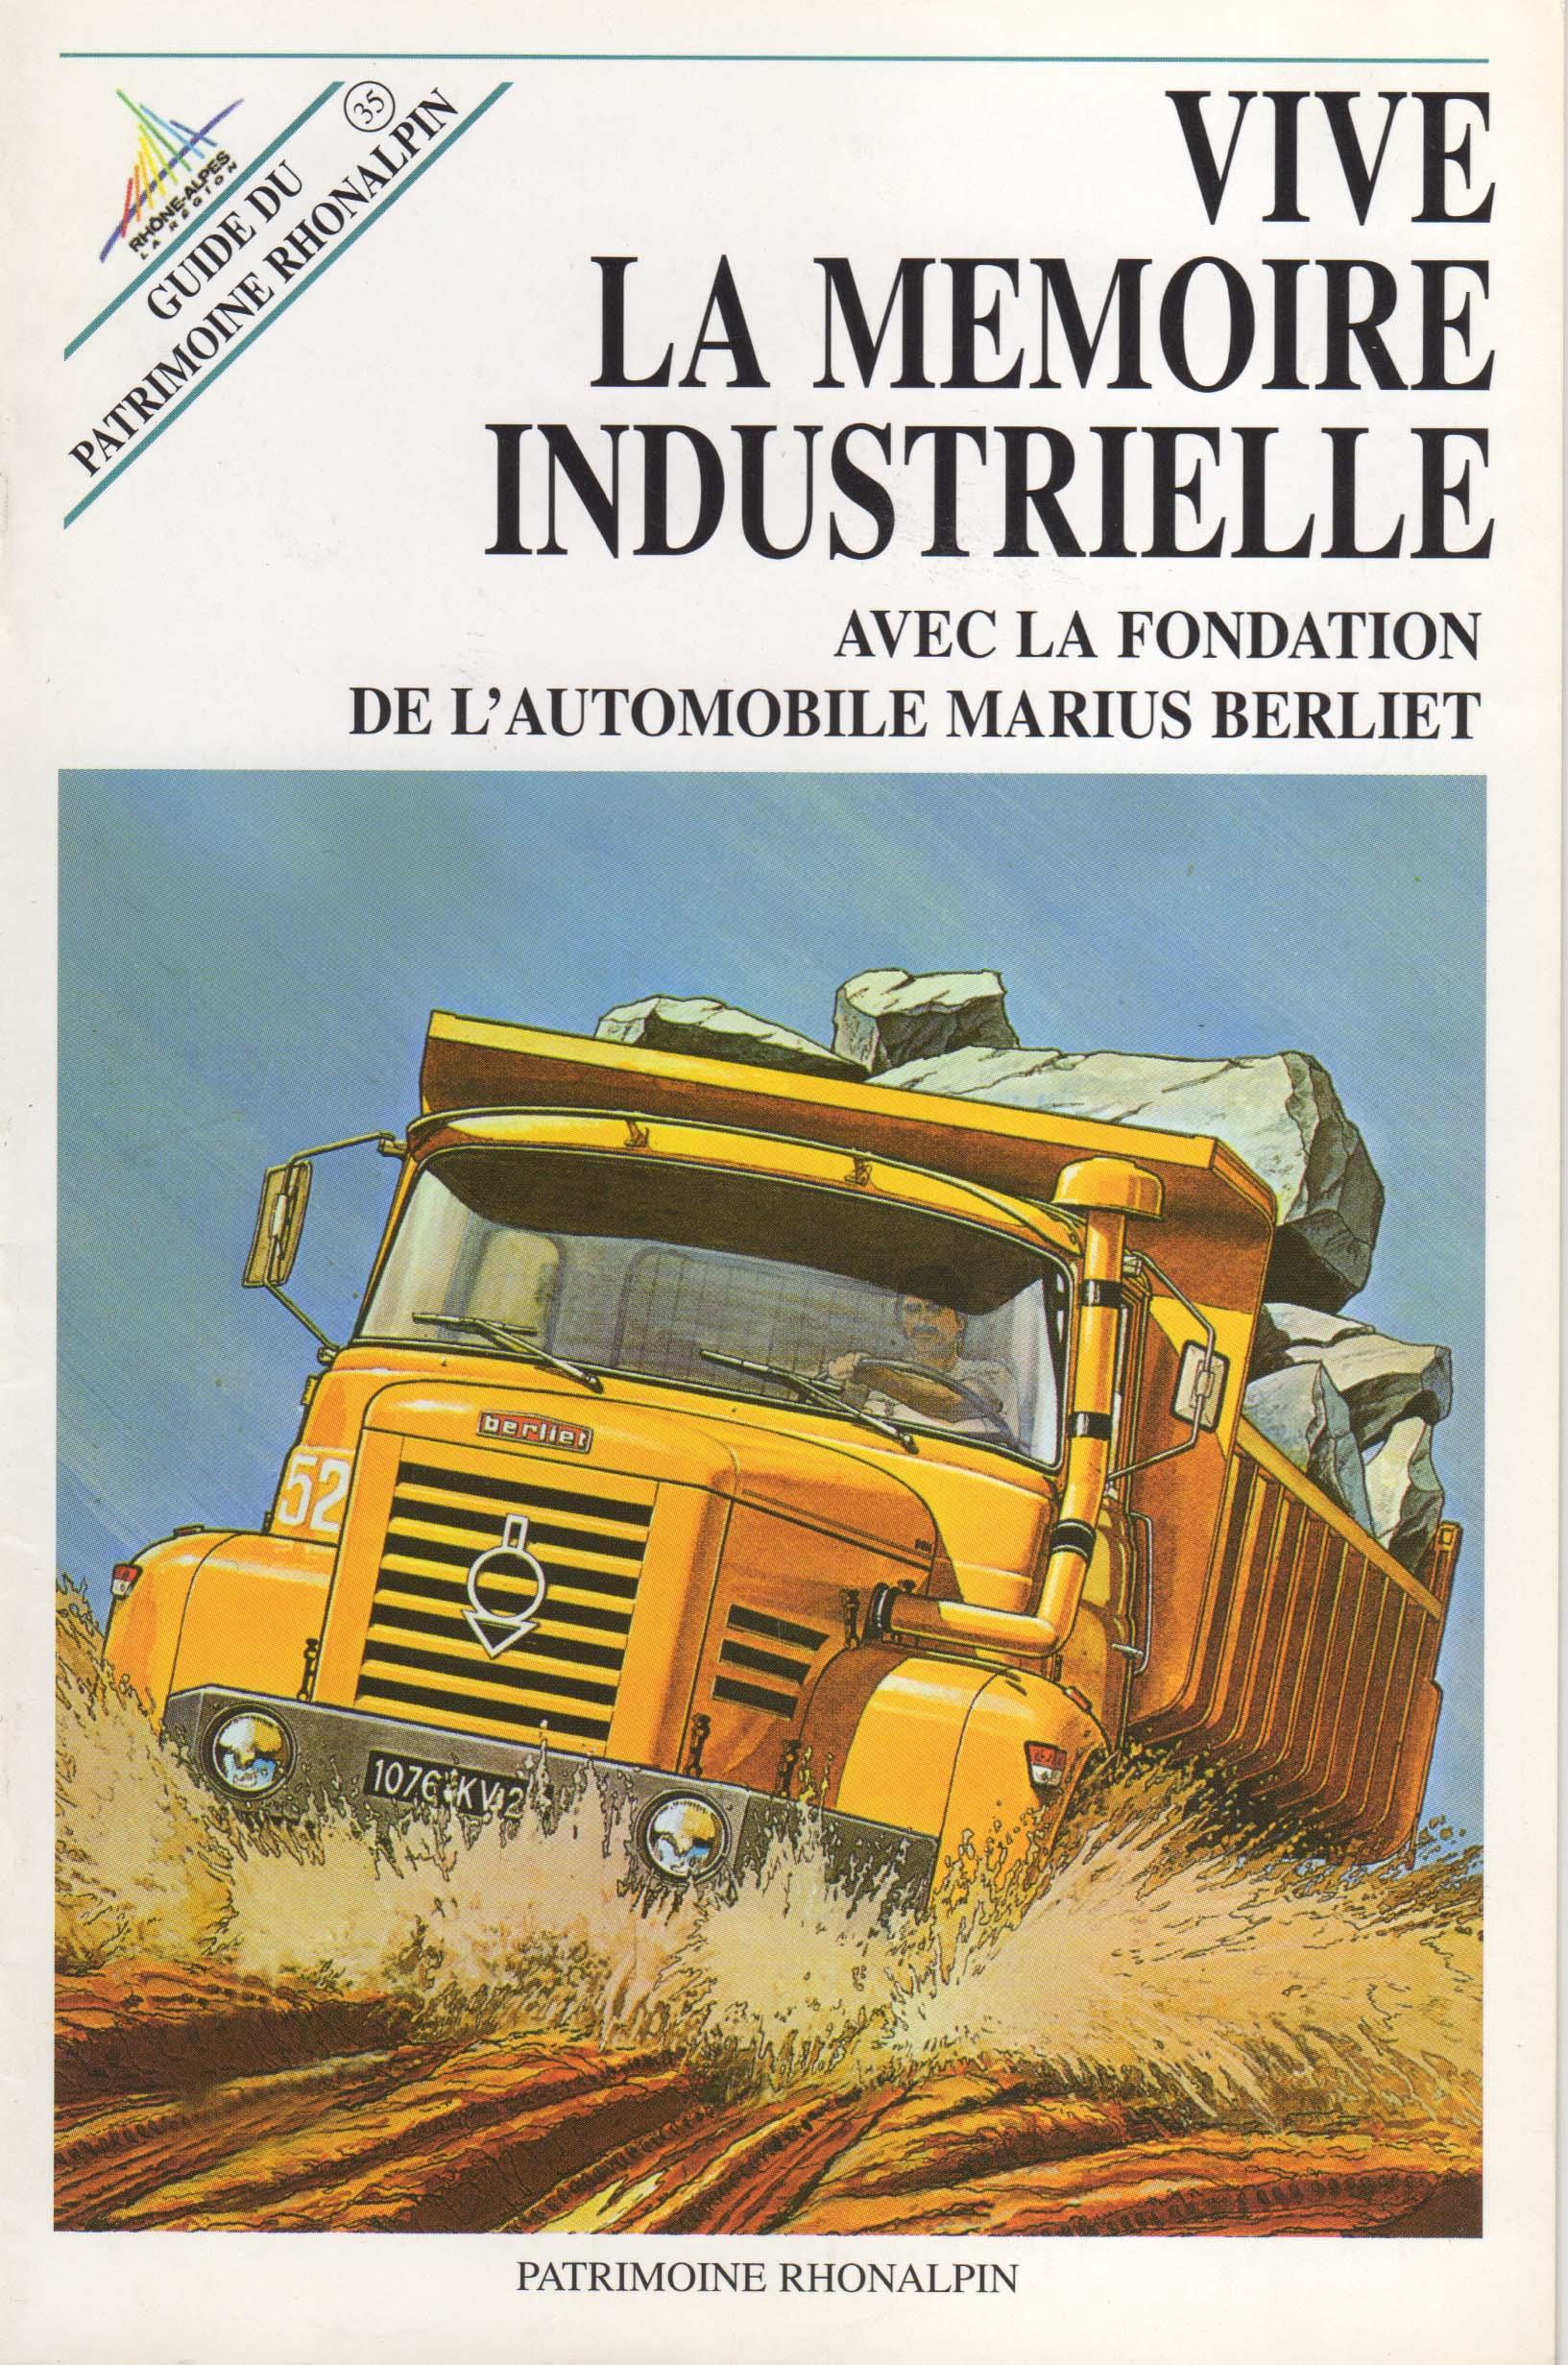 Guide n°35 – Vive la mémoire industrielle